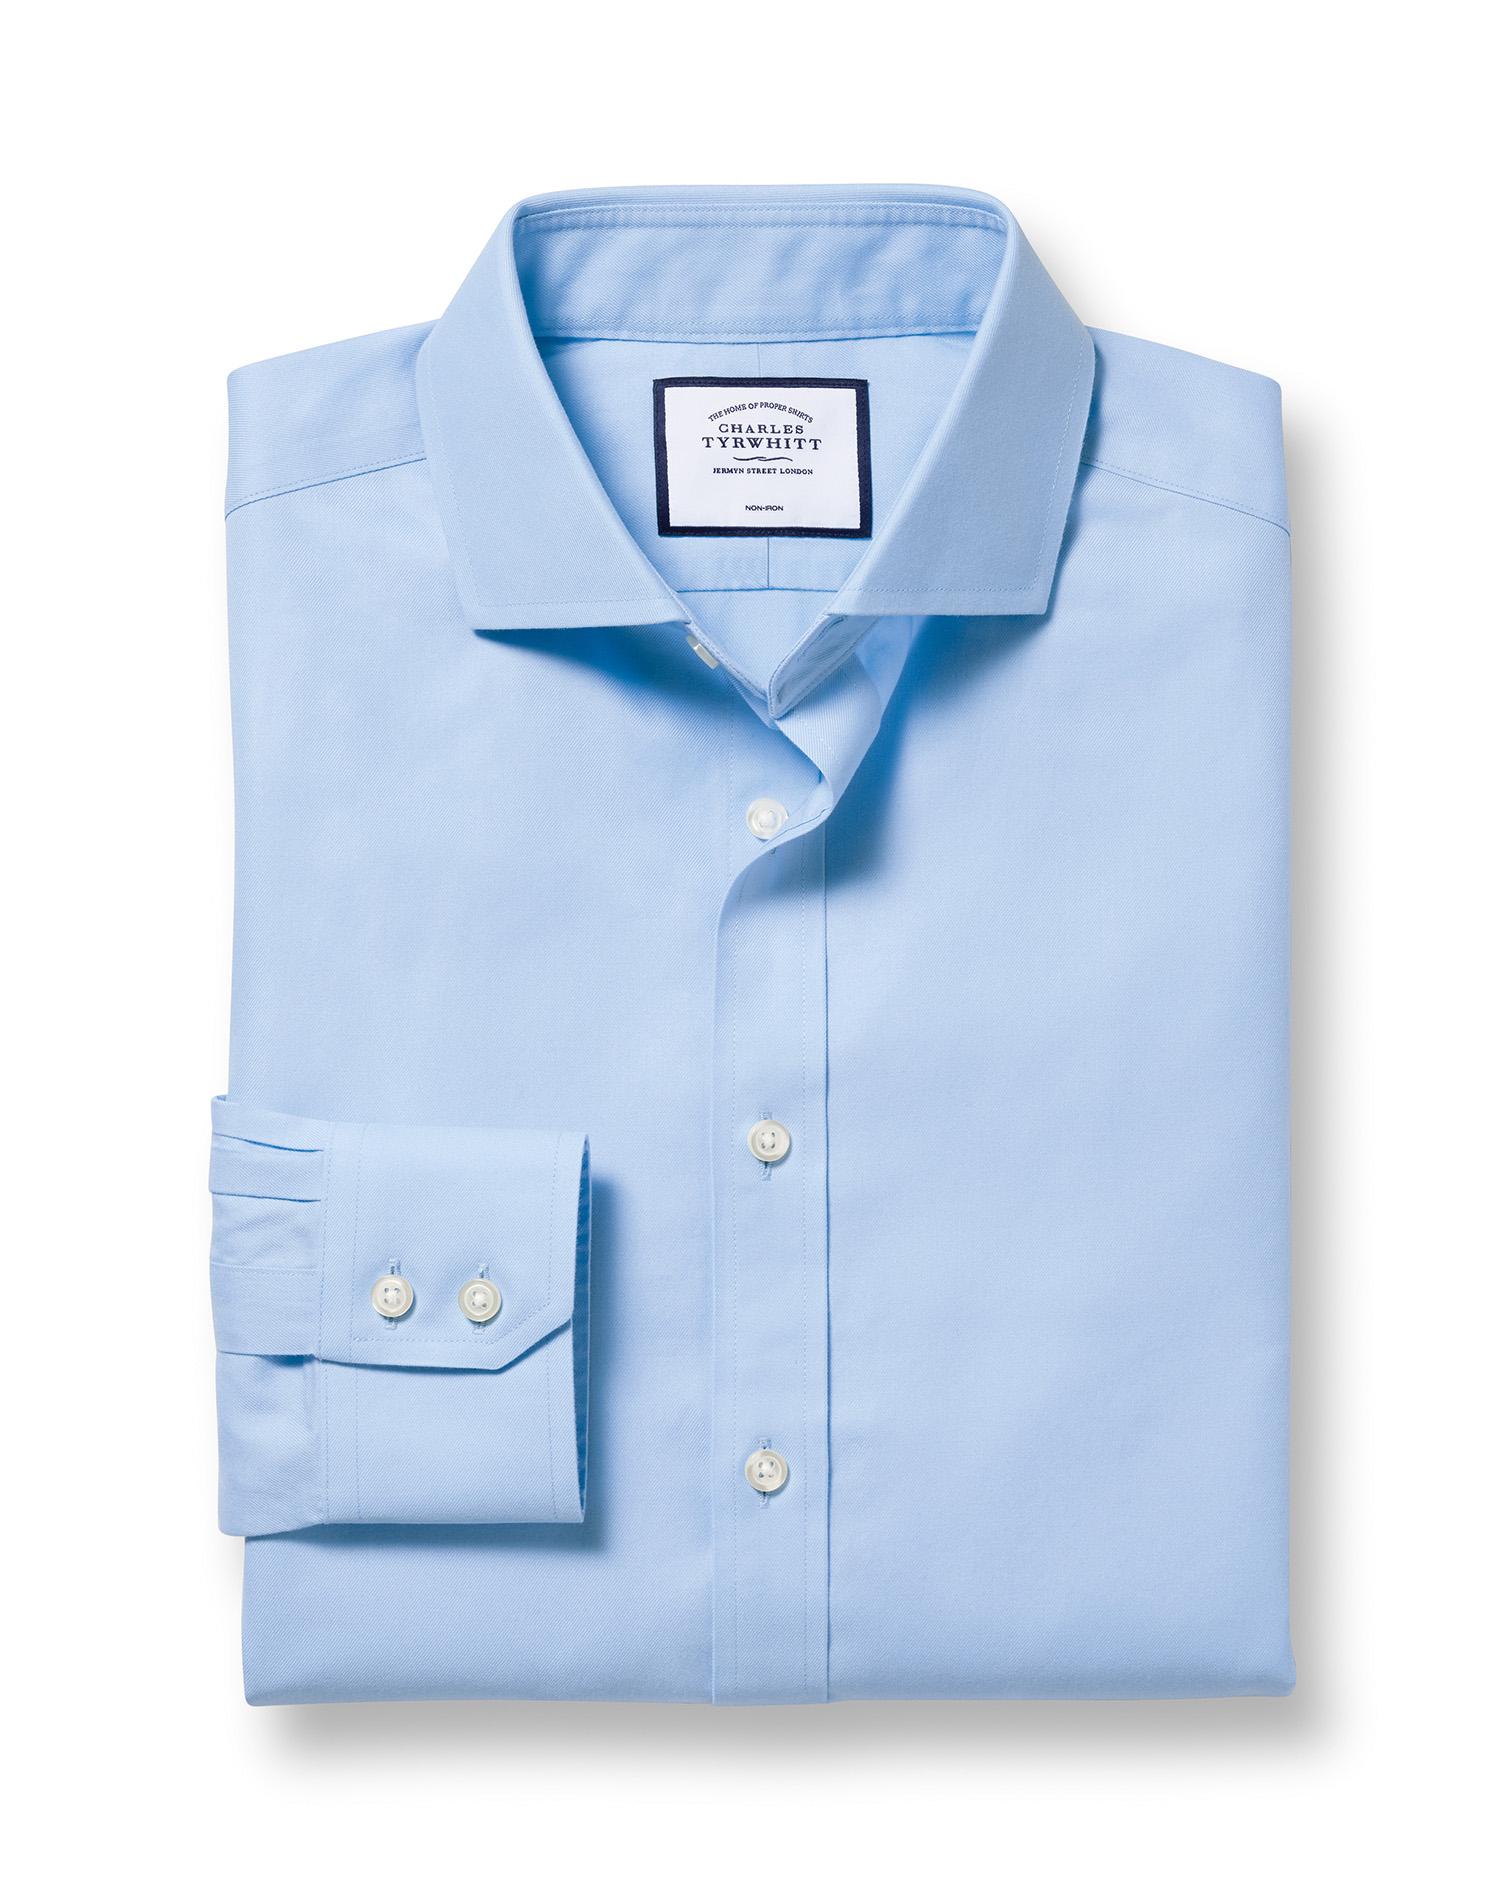 charles tyrwhitt shirt size guide